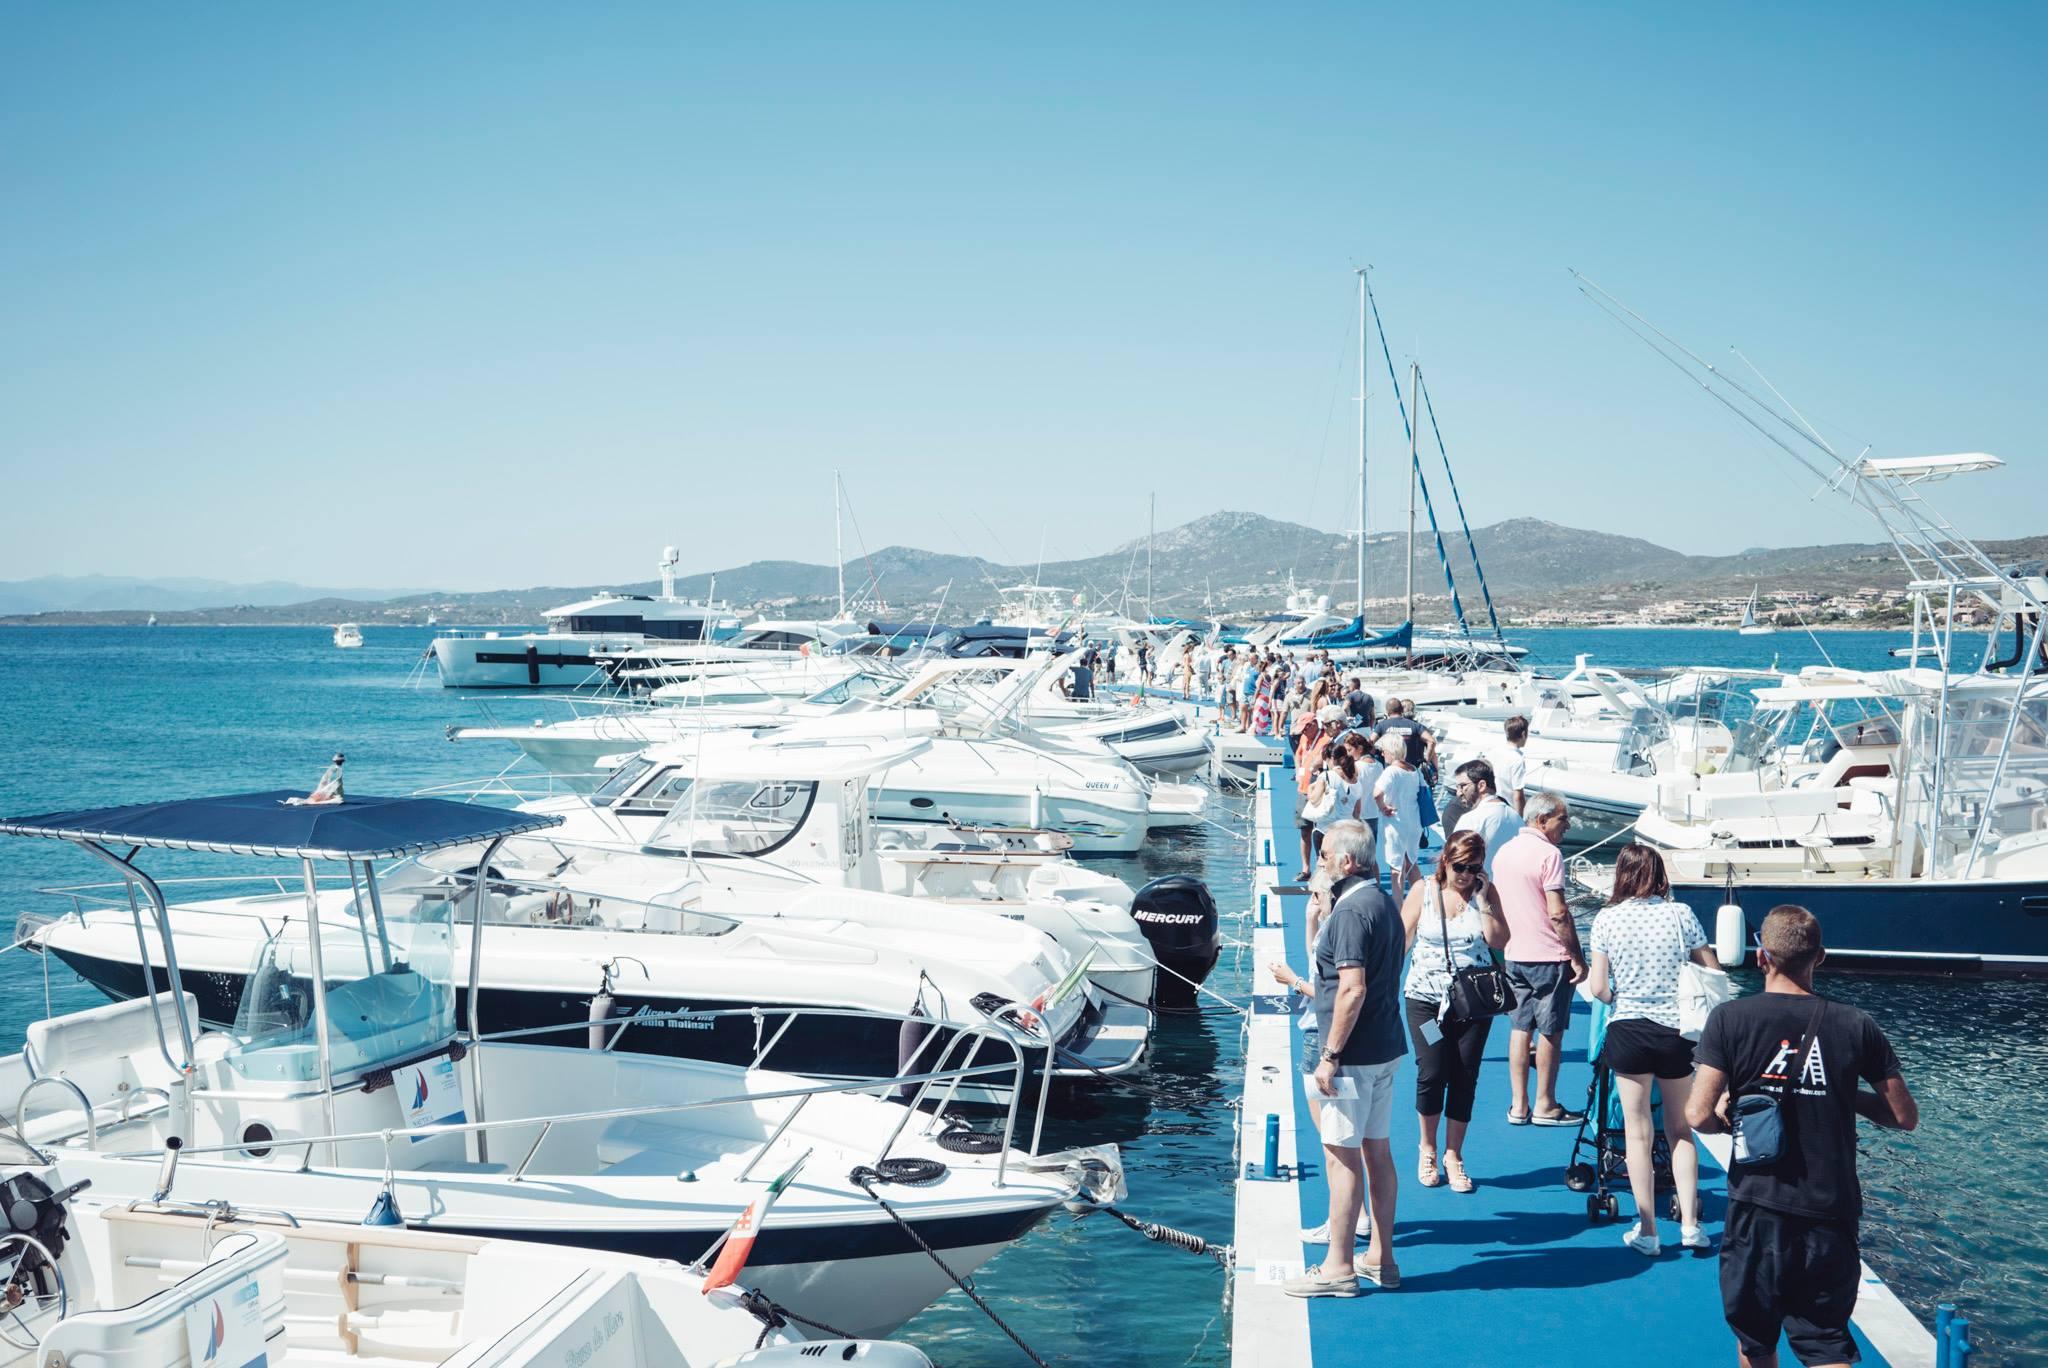 Molo e Posti barca